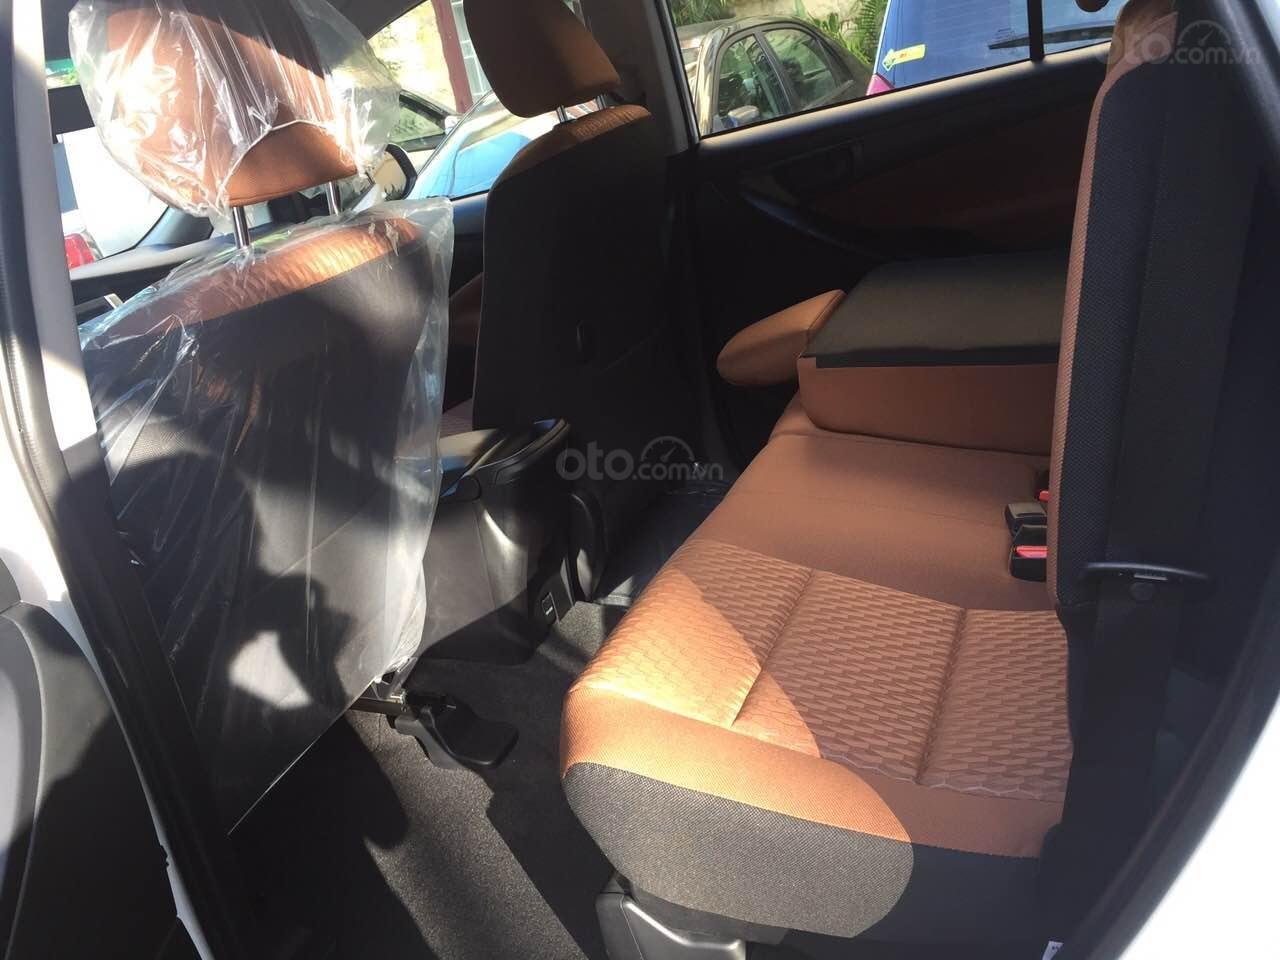 Cần bán xe Toyota Innova 2.0E MT đời 2019, màu trắng giảm tiền mặt, tặng bảo hiểm, DVD, camera, hộp đen-3